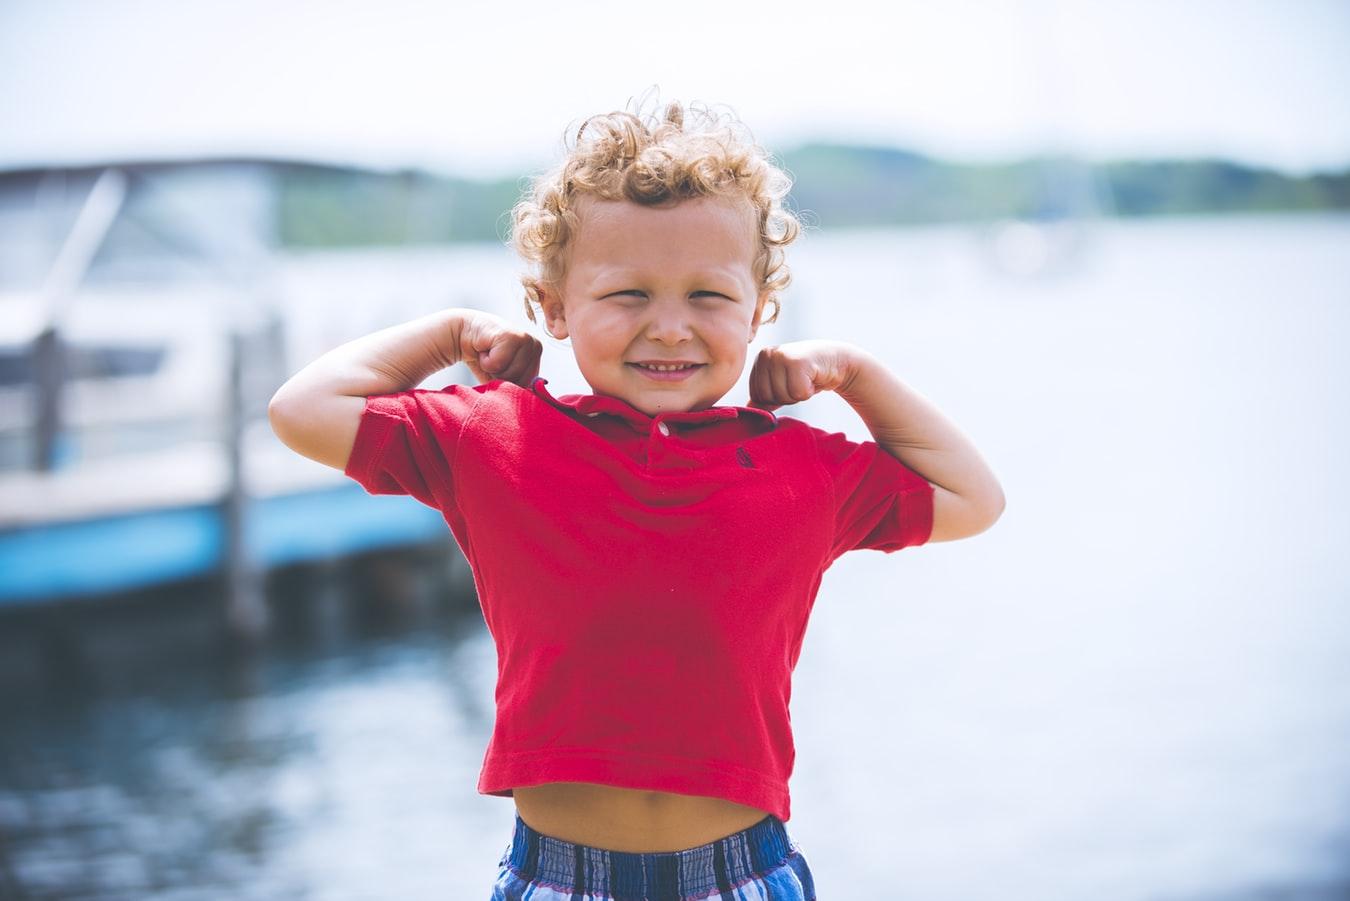 Stvorite djeci zdrave navike koje će ostati cijeli život